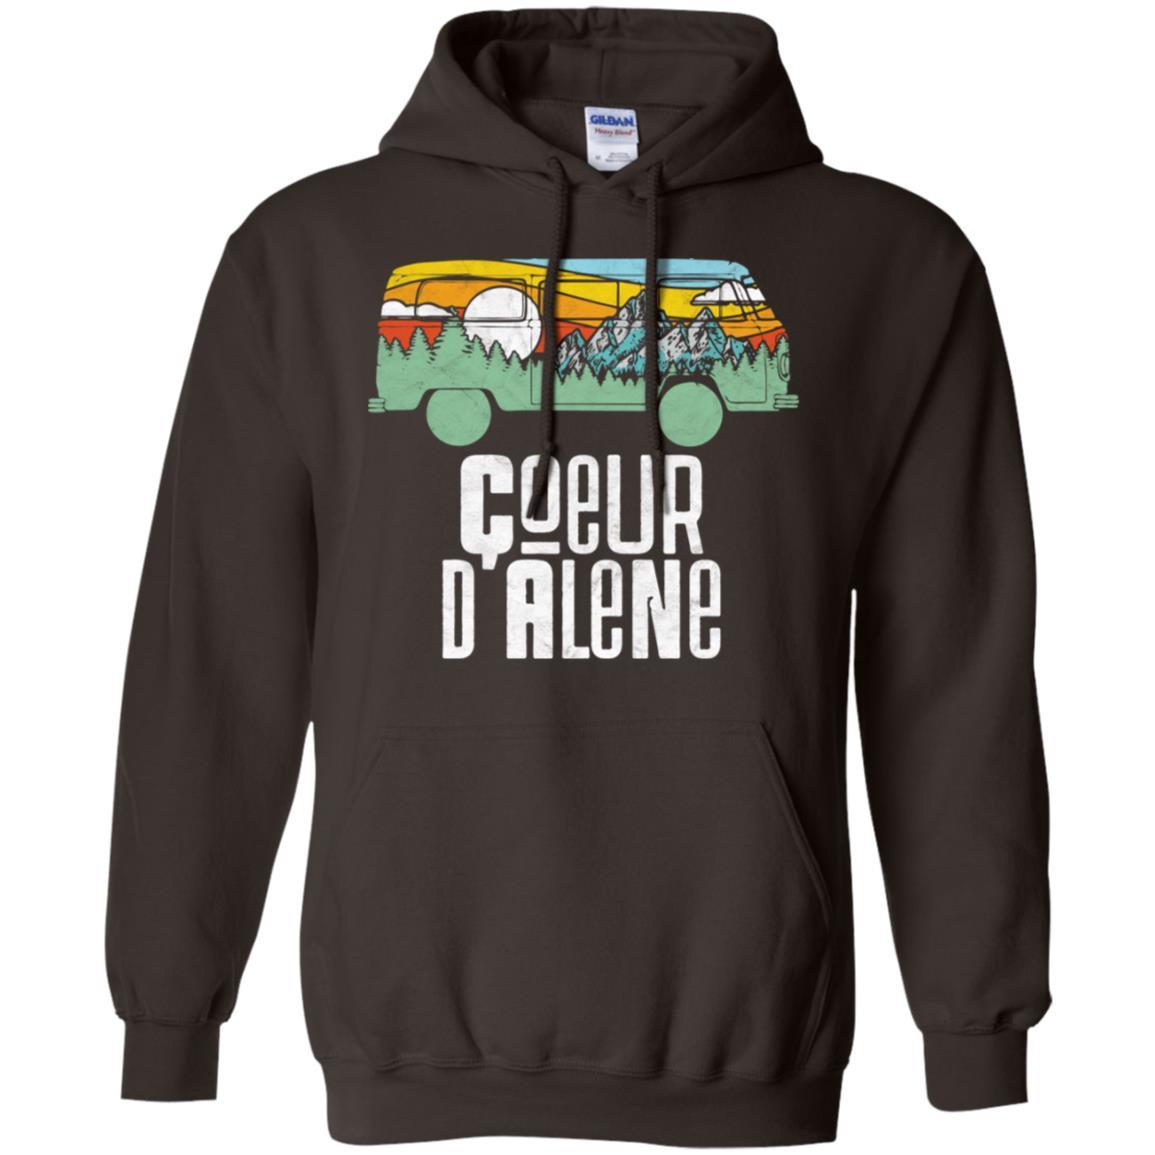 Retro Coeur d'Alene Outdoor Hippie Van Nature Pullover Hoodie